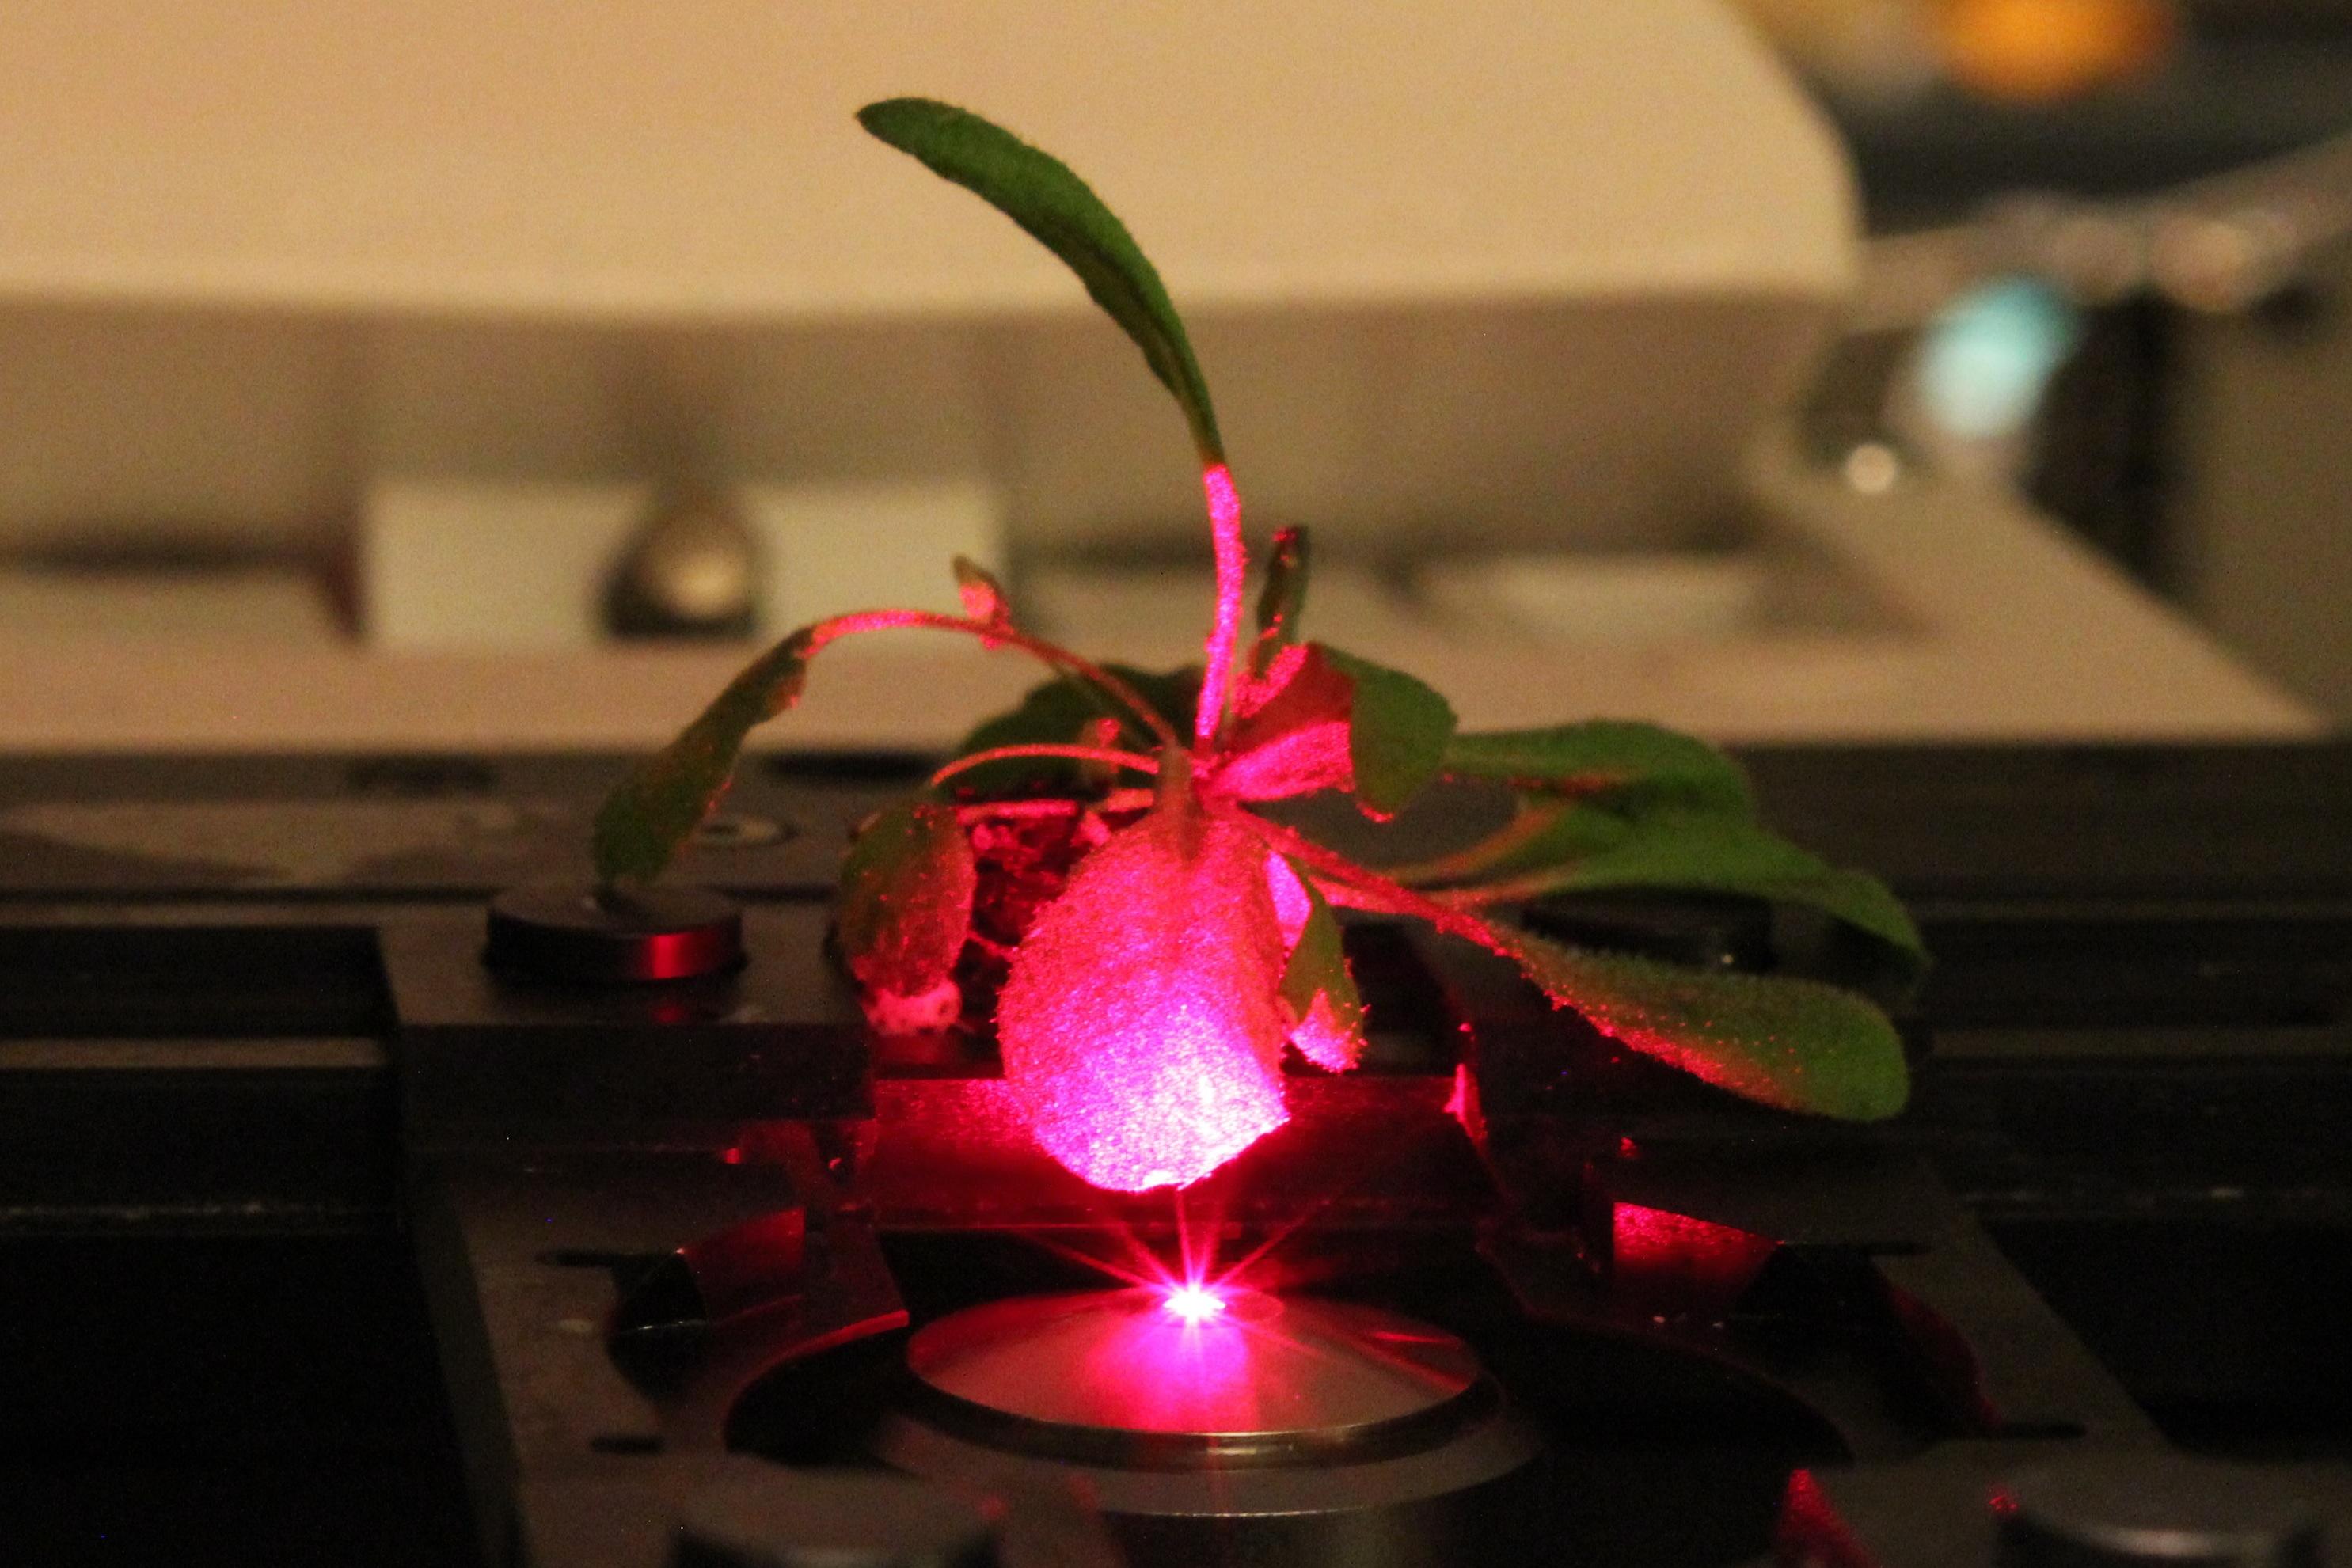 Les plantes bioniques sont l'avenir de l'homme (?)